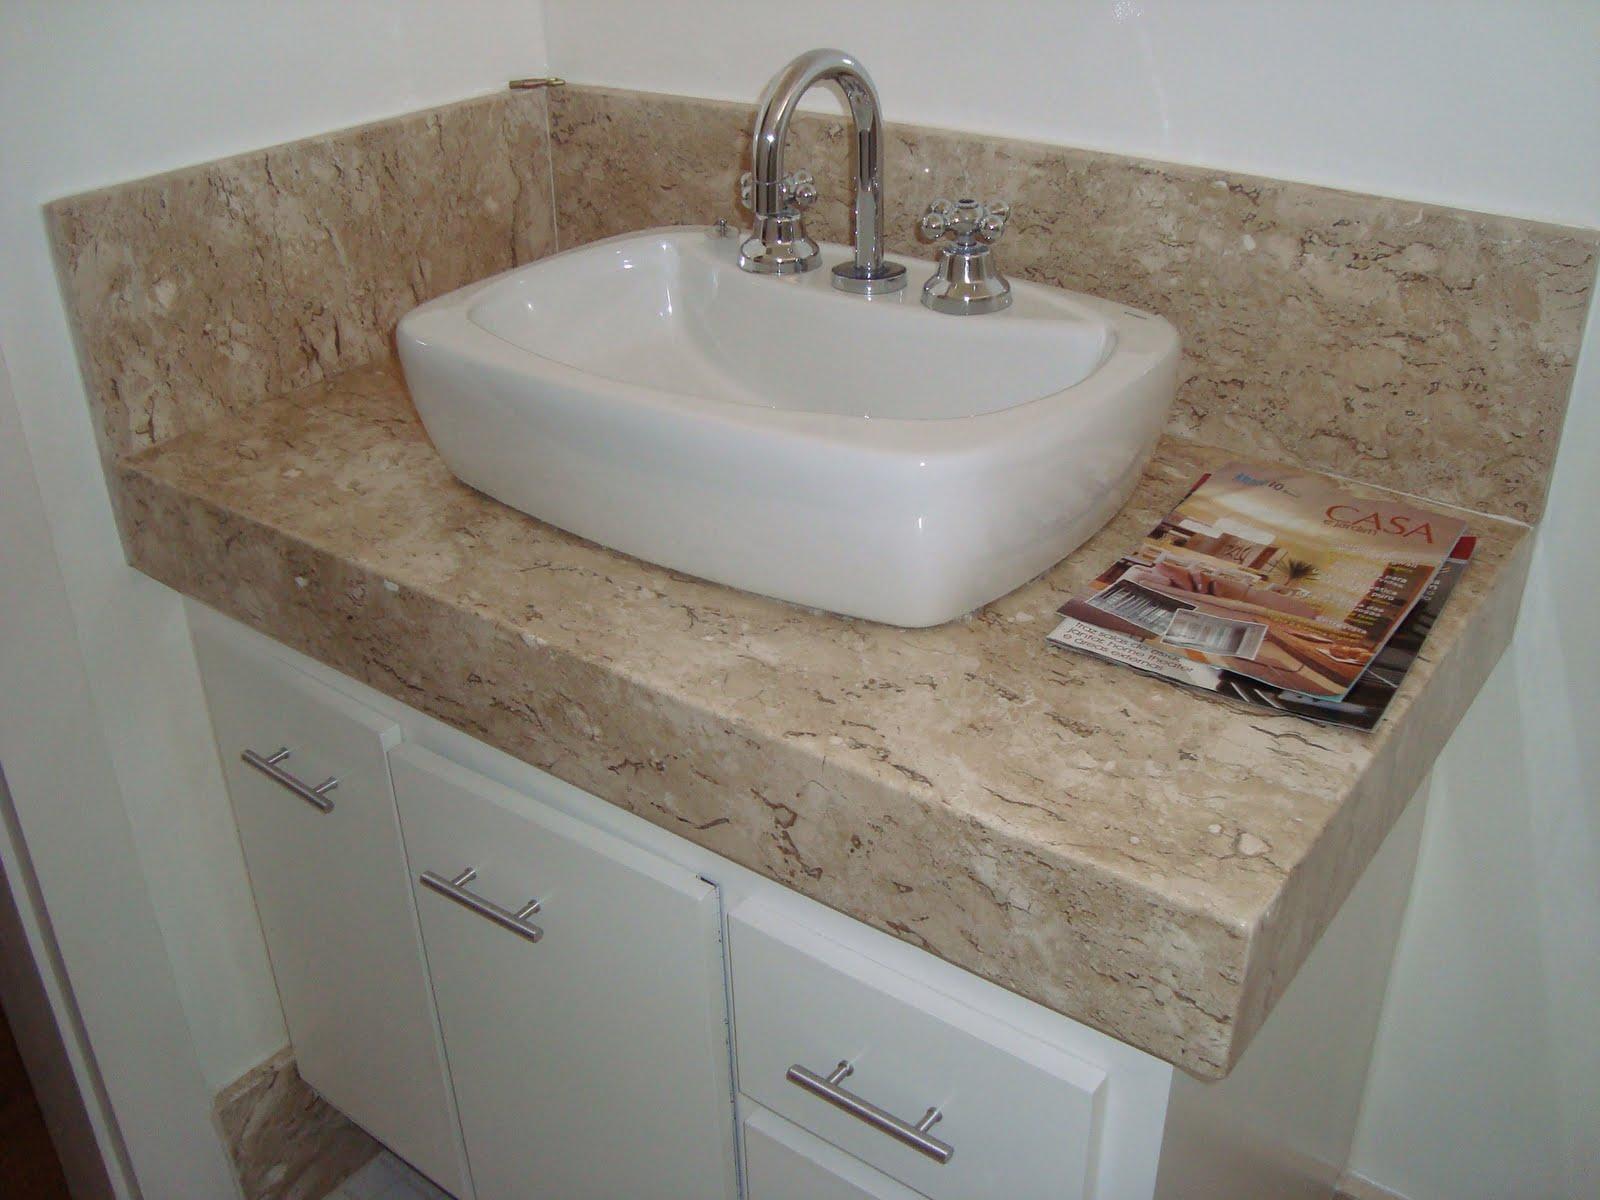 Construindo Minha Casa Clean Banheiros e Lavabos! Maravilhosos!!! -> Cuba Banheiro Marmore